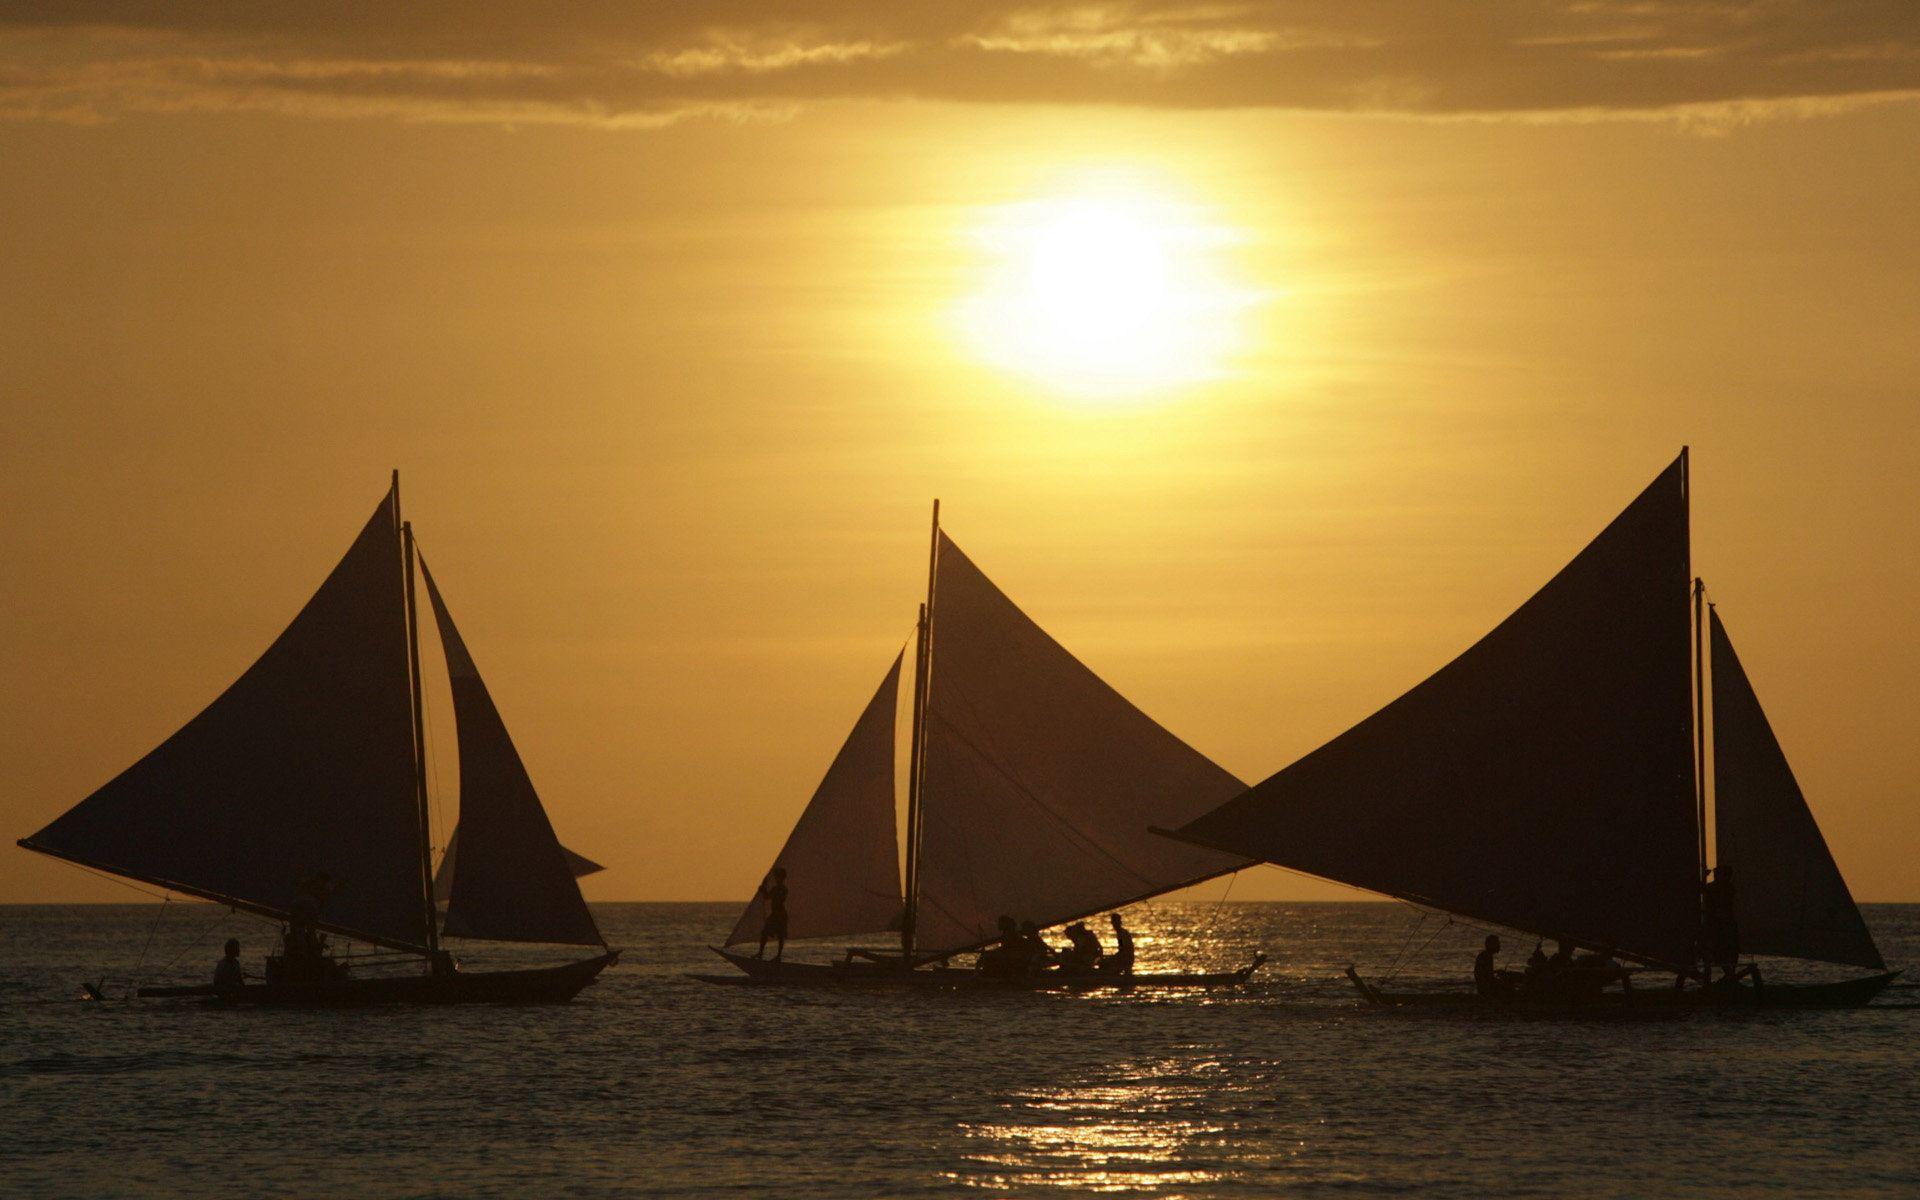 夕阳下的海上帆船 中国风ppt背景图片